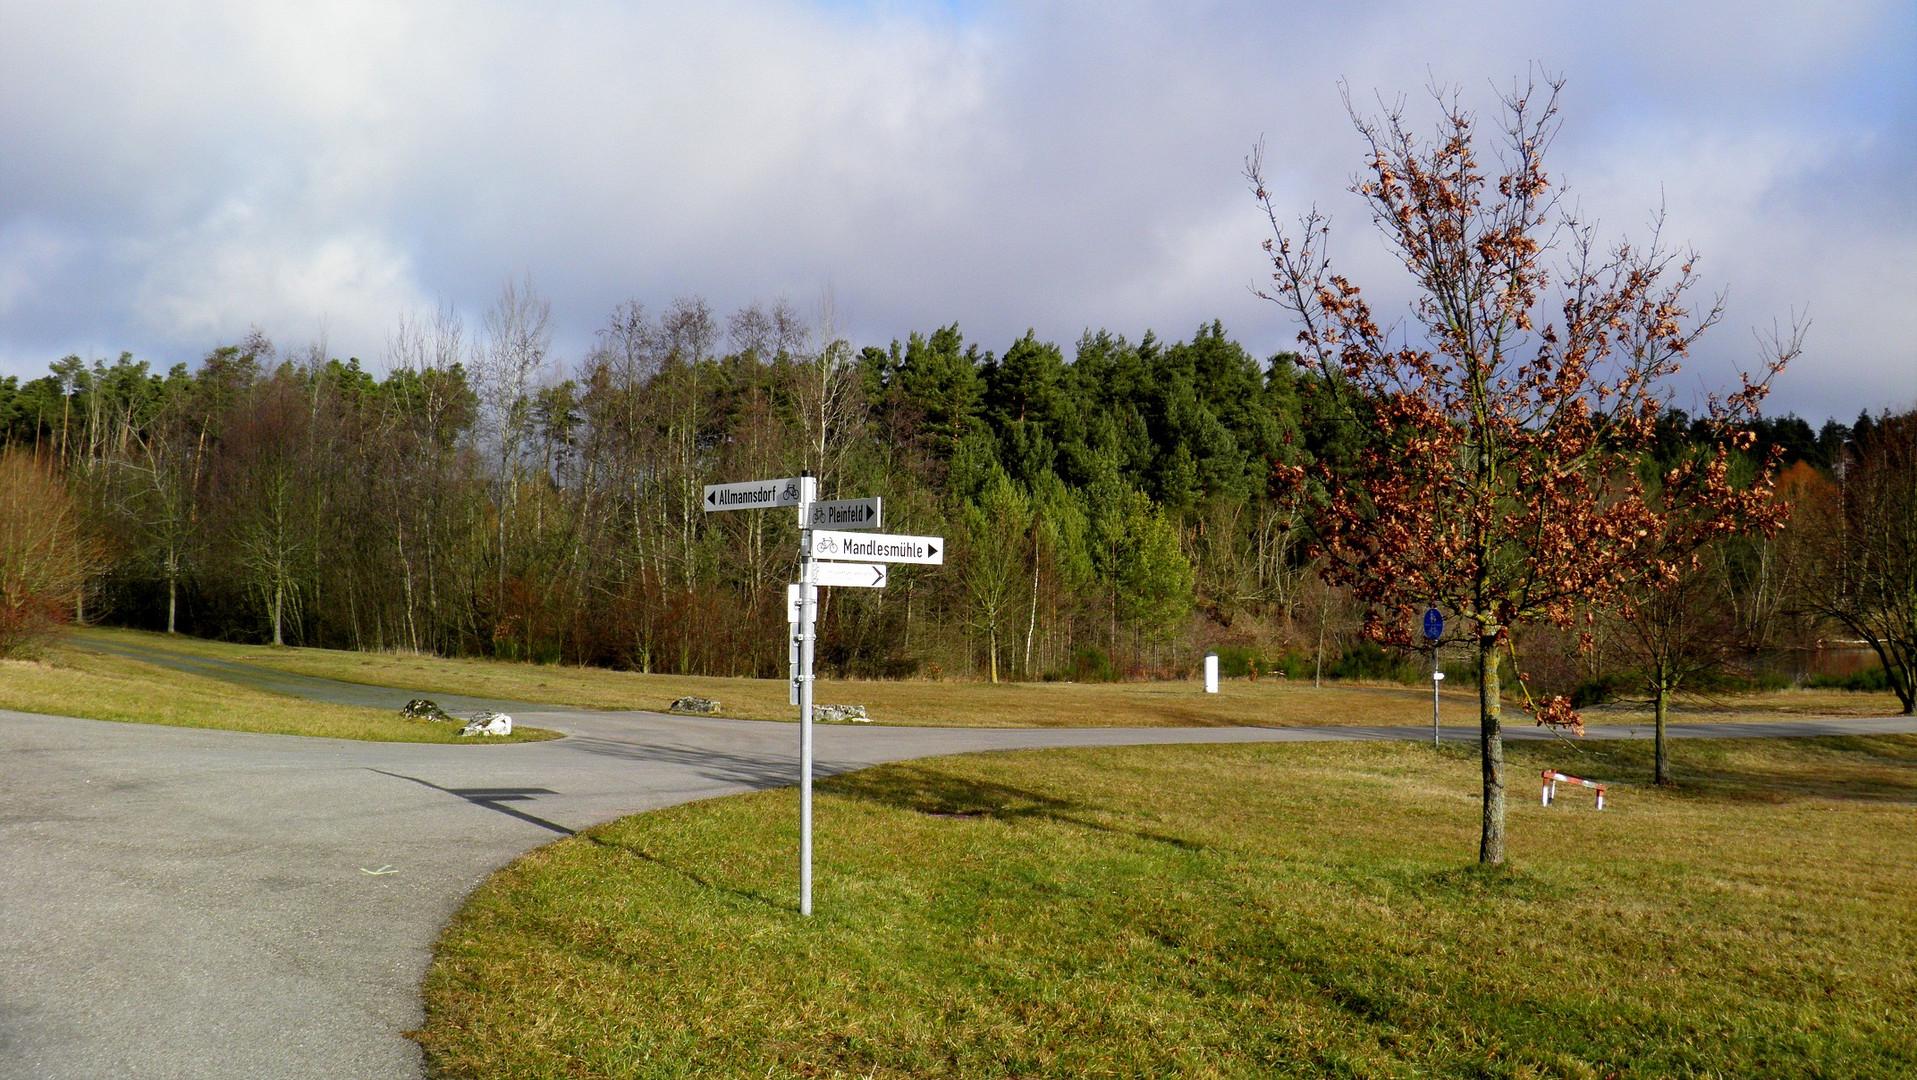 Mandlesmühle 1